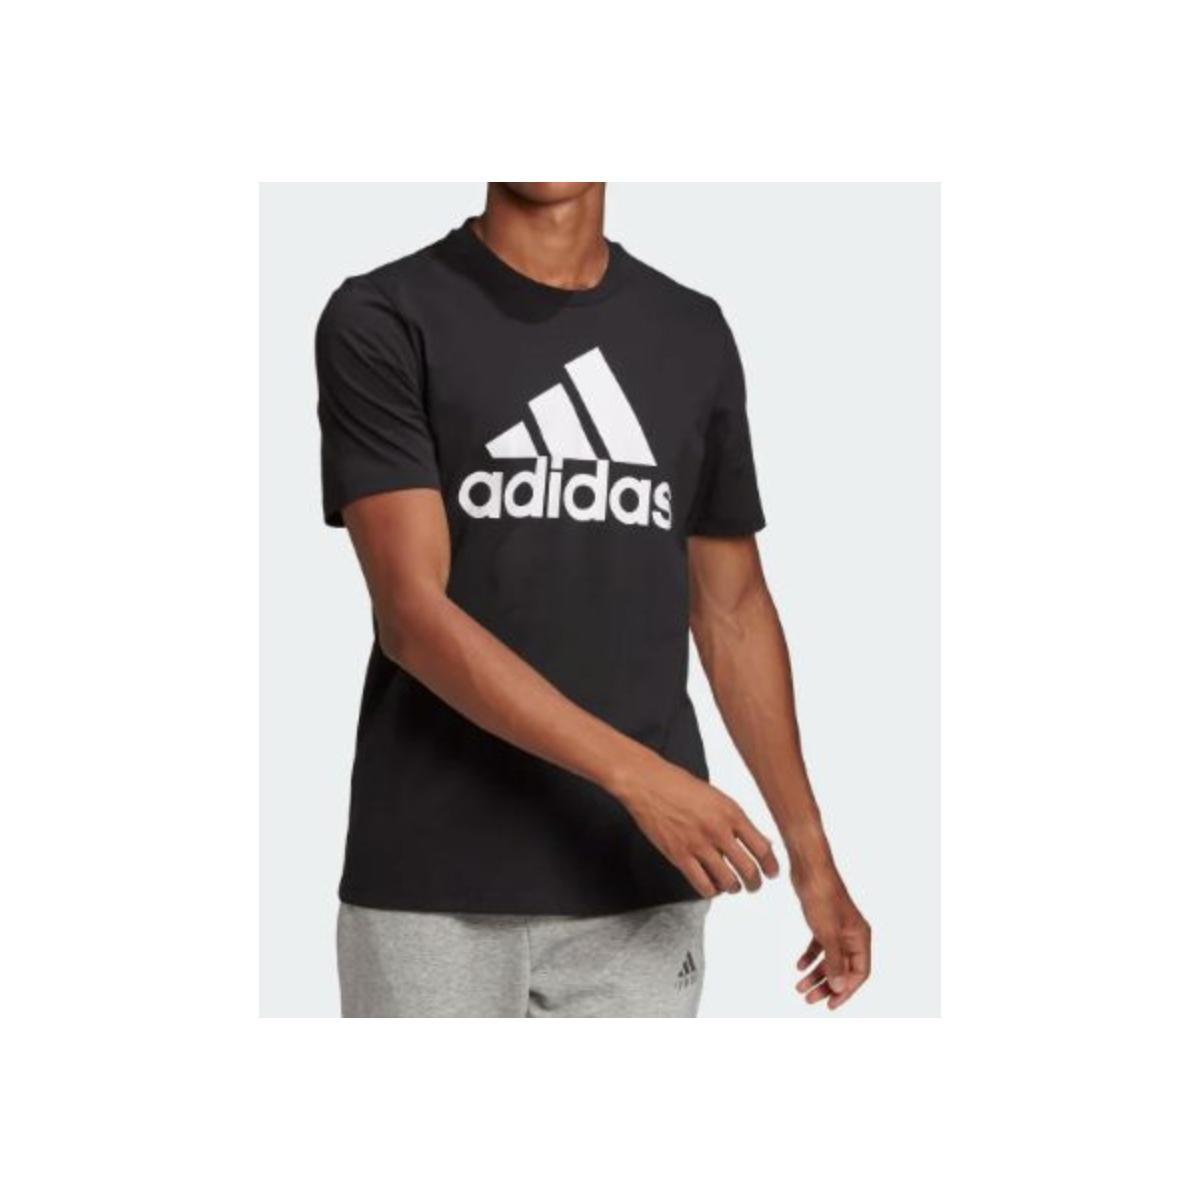 Camiseta Masculina Adidas Gk9120 Essentials Preto